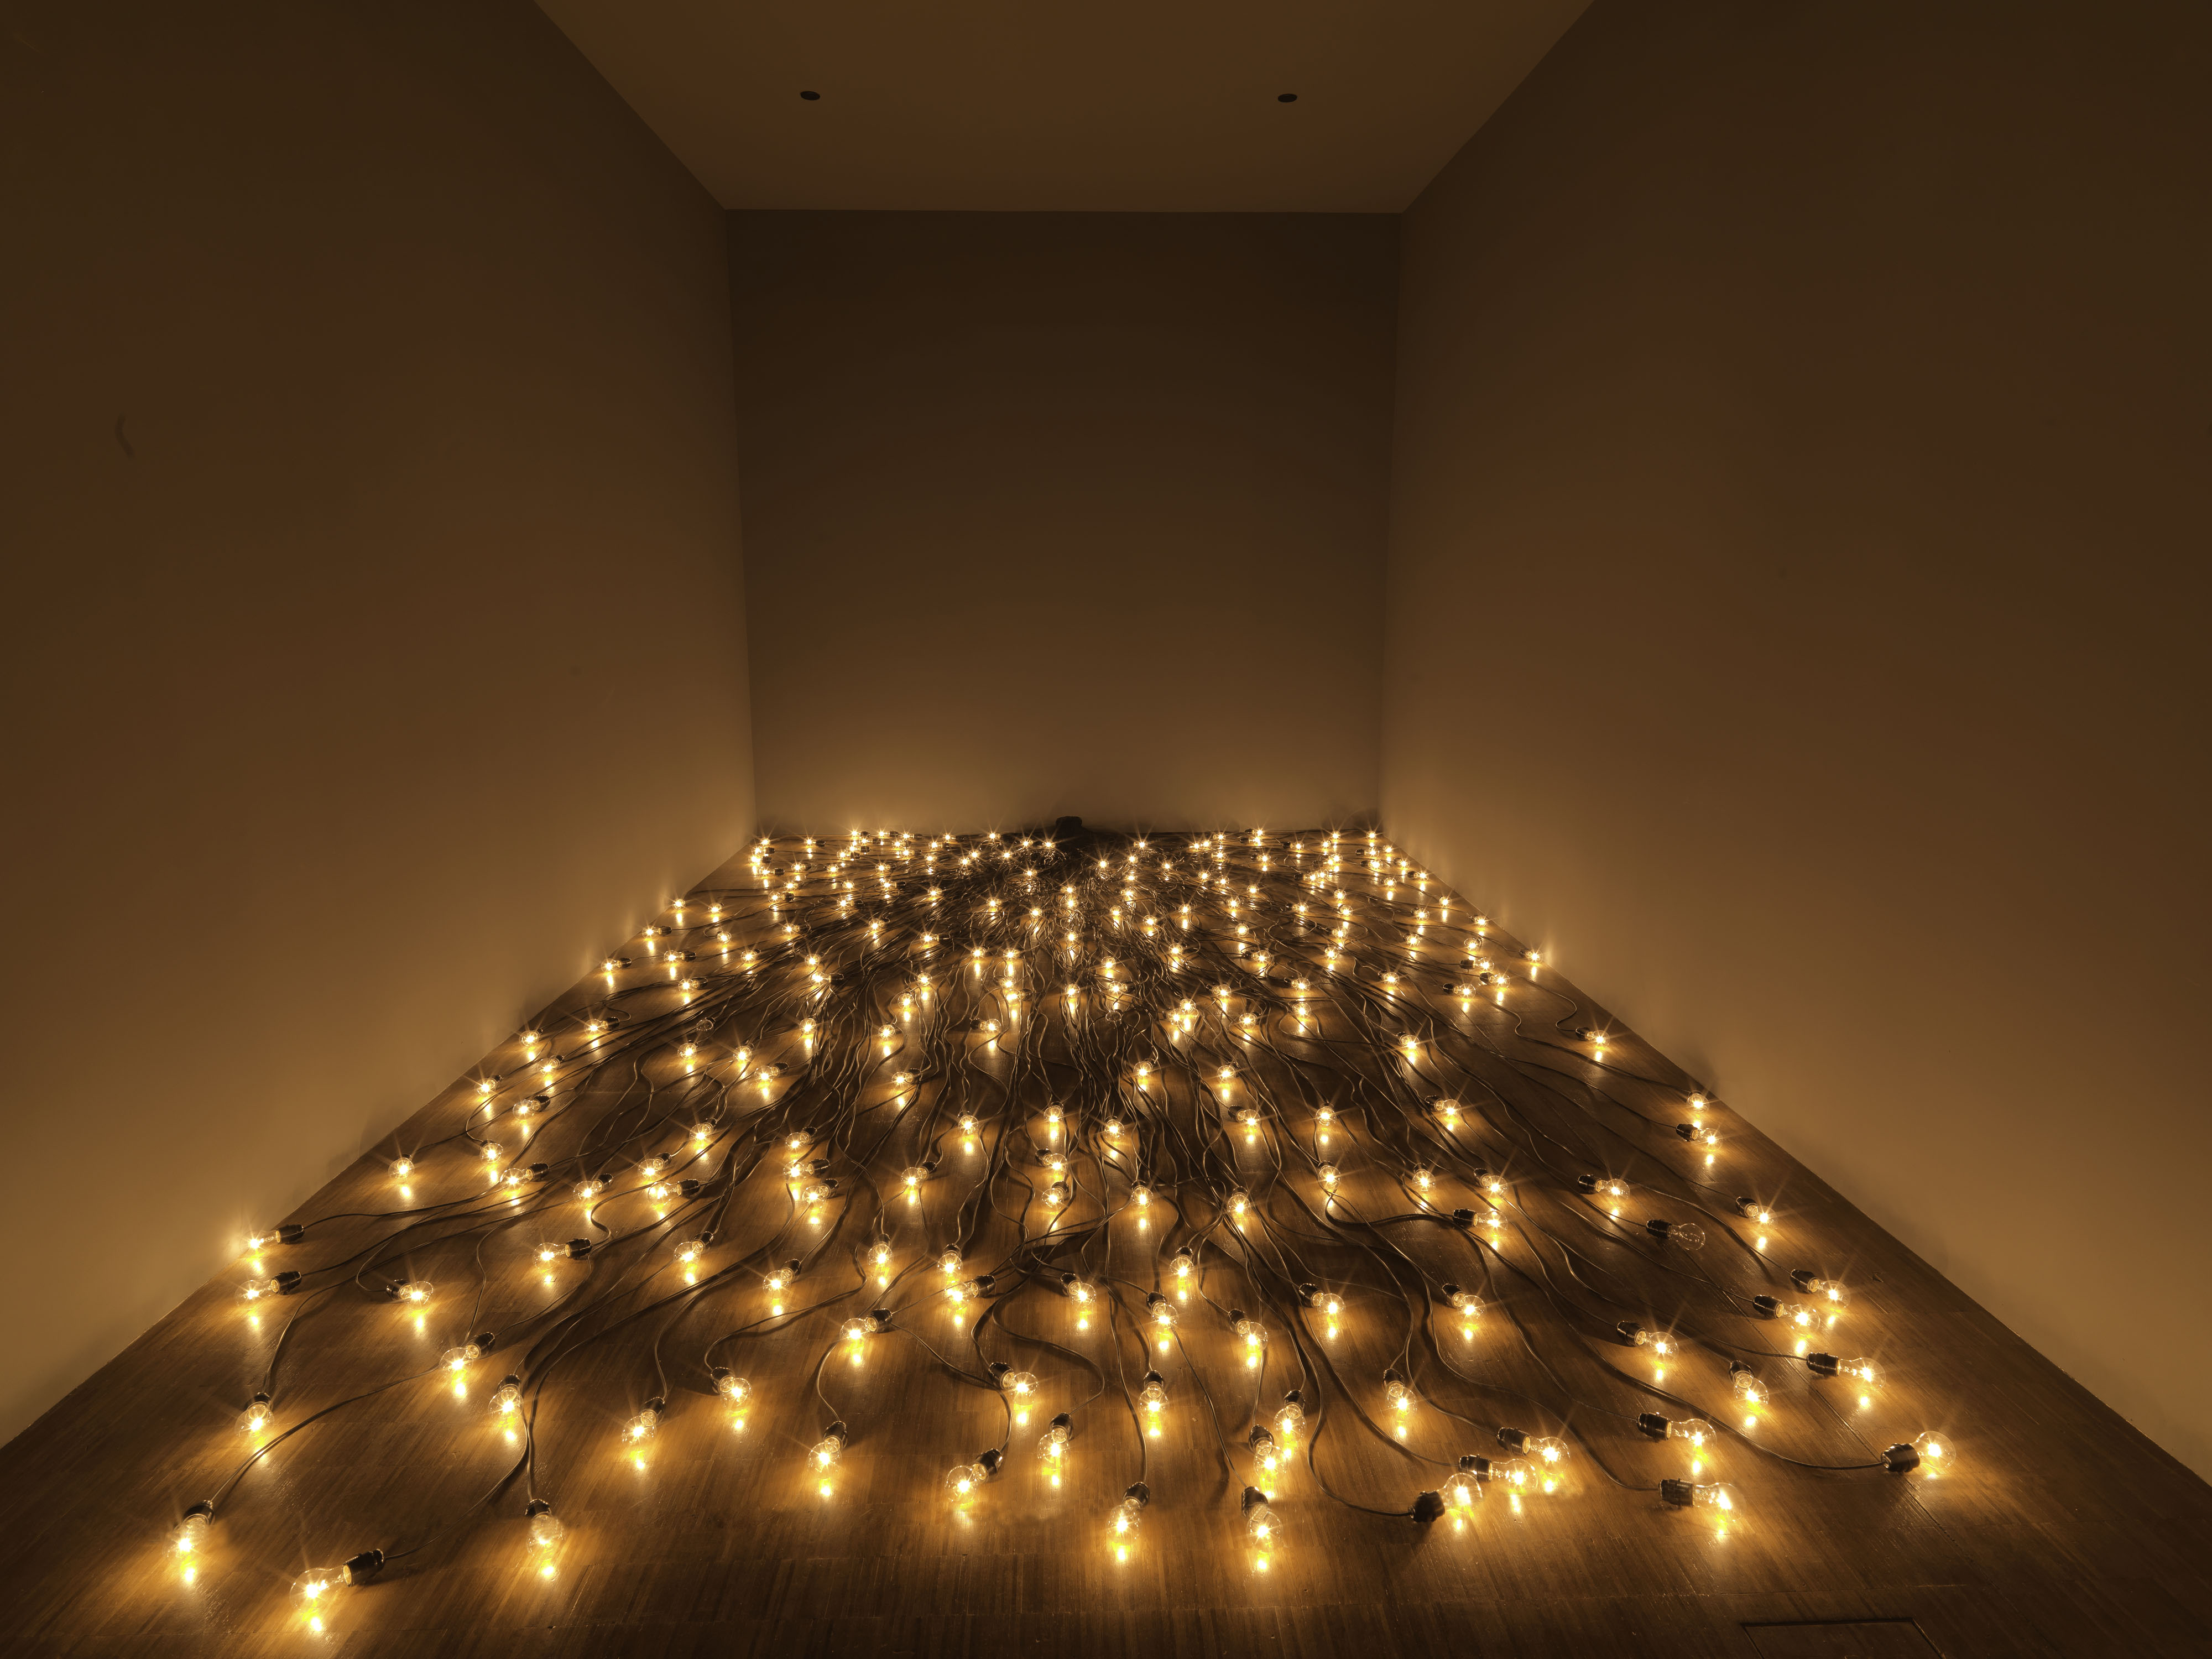 Christian Boltanski Crépuscule, 1996, lightbulbs and cables, Dimensions variable © Centre Pompidou / Philippe Migeat © ADAGP, Paris, 2019